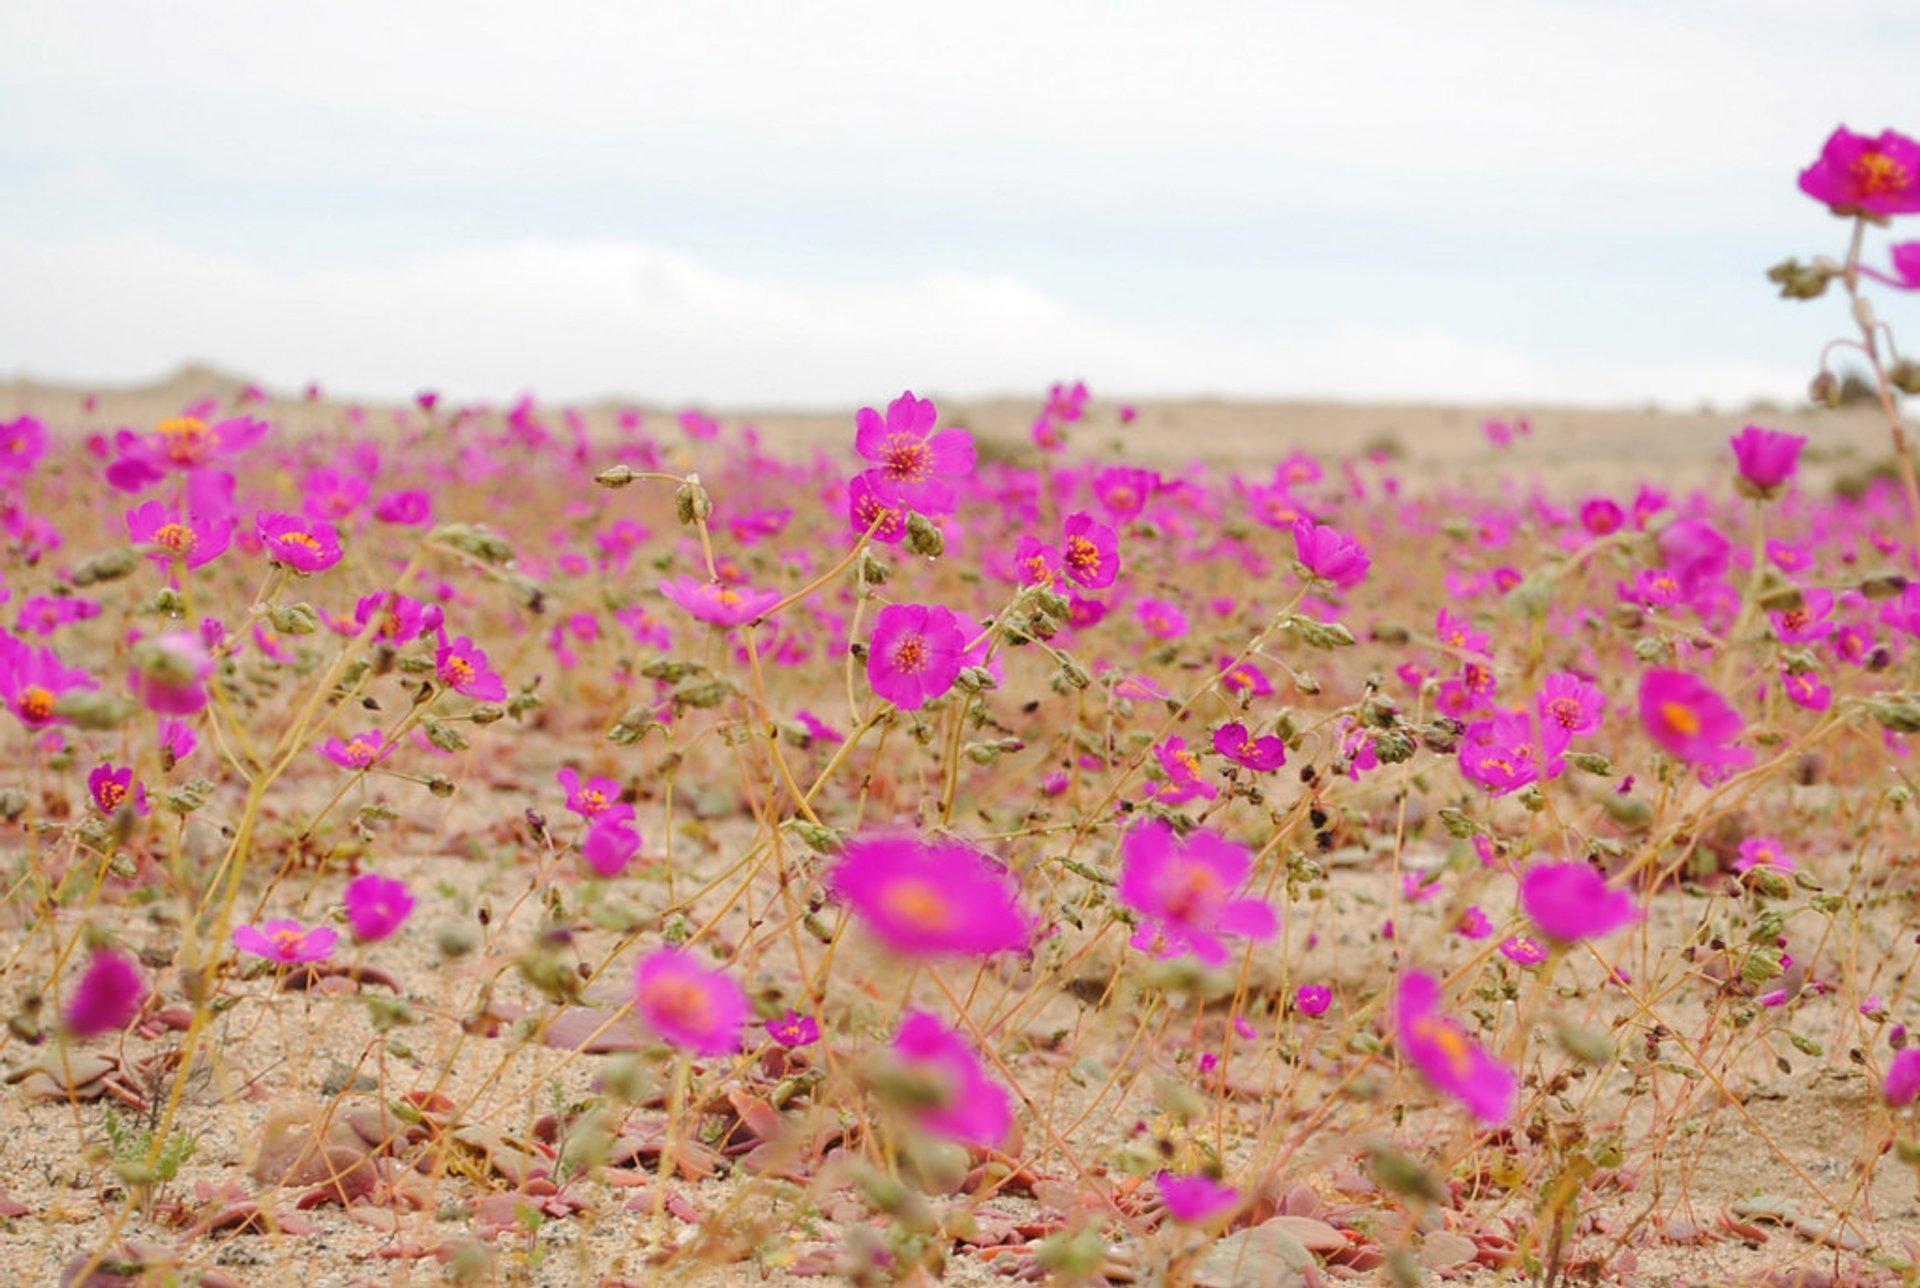 Desierto florido 2010 / Barranquilla, III Region de Atacama, Chile 2020